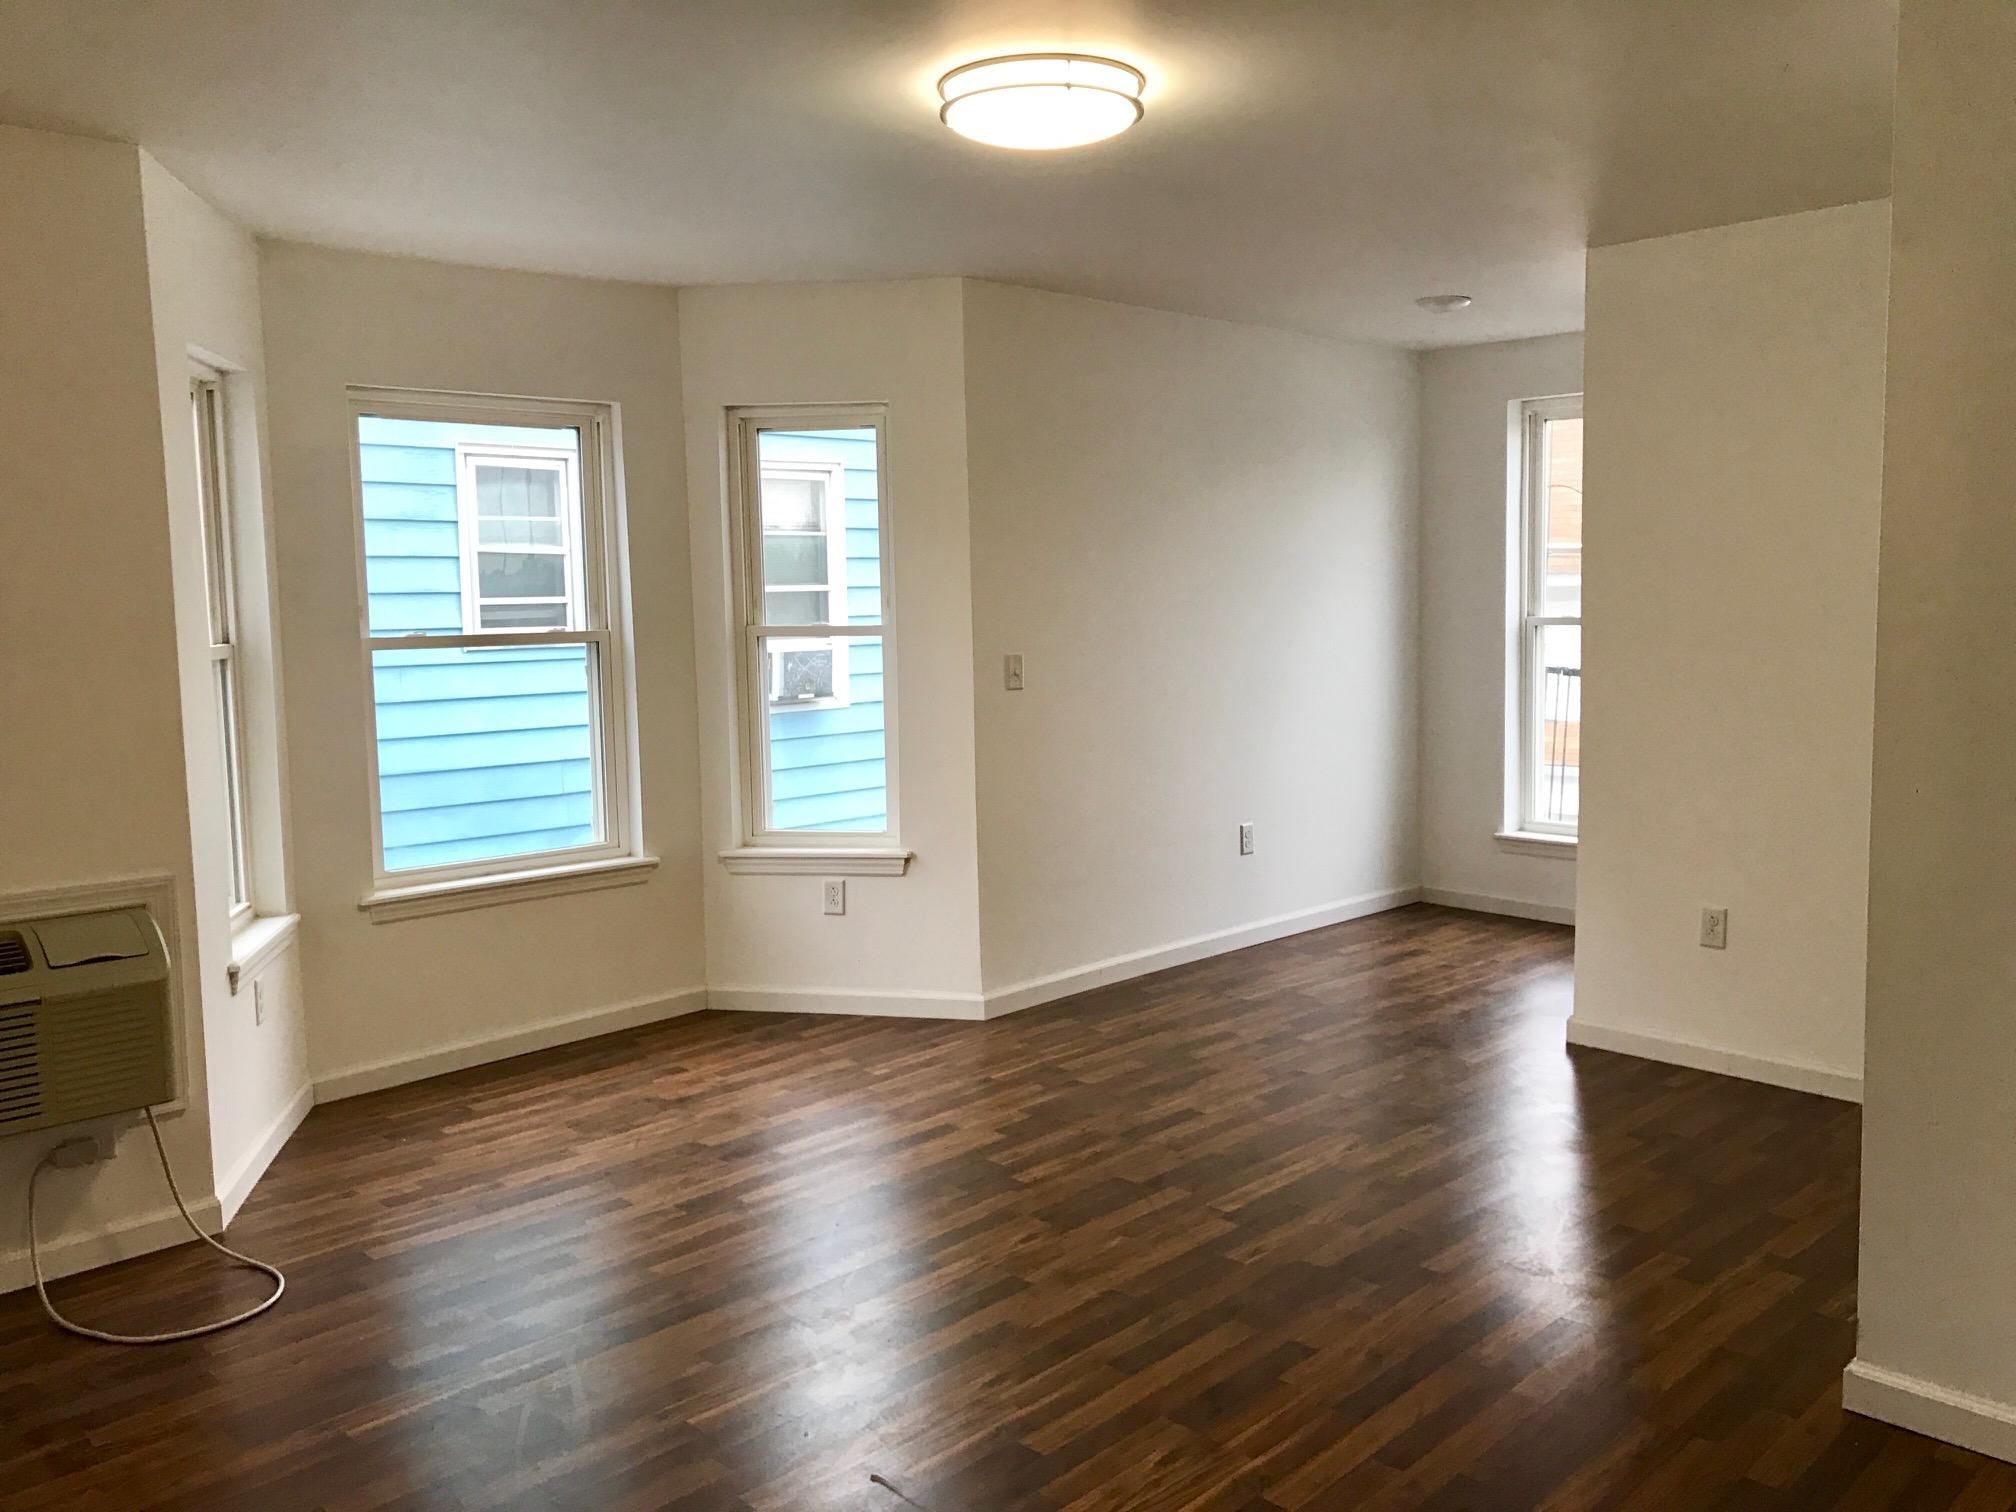 公寓 为 出租 在 Newly Renovated Spacious 815 Boulevard #2 Bayonne, 新泽西州 07002 美国